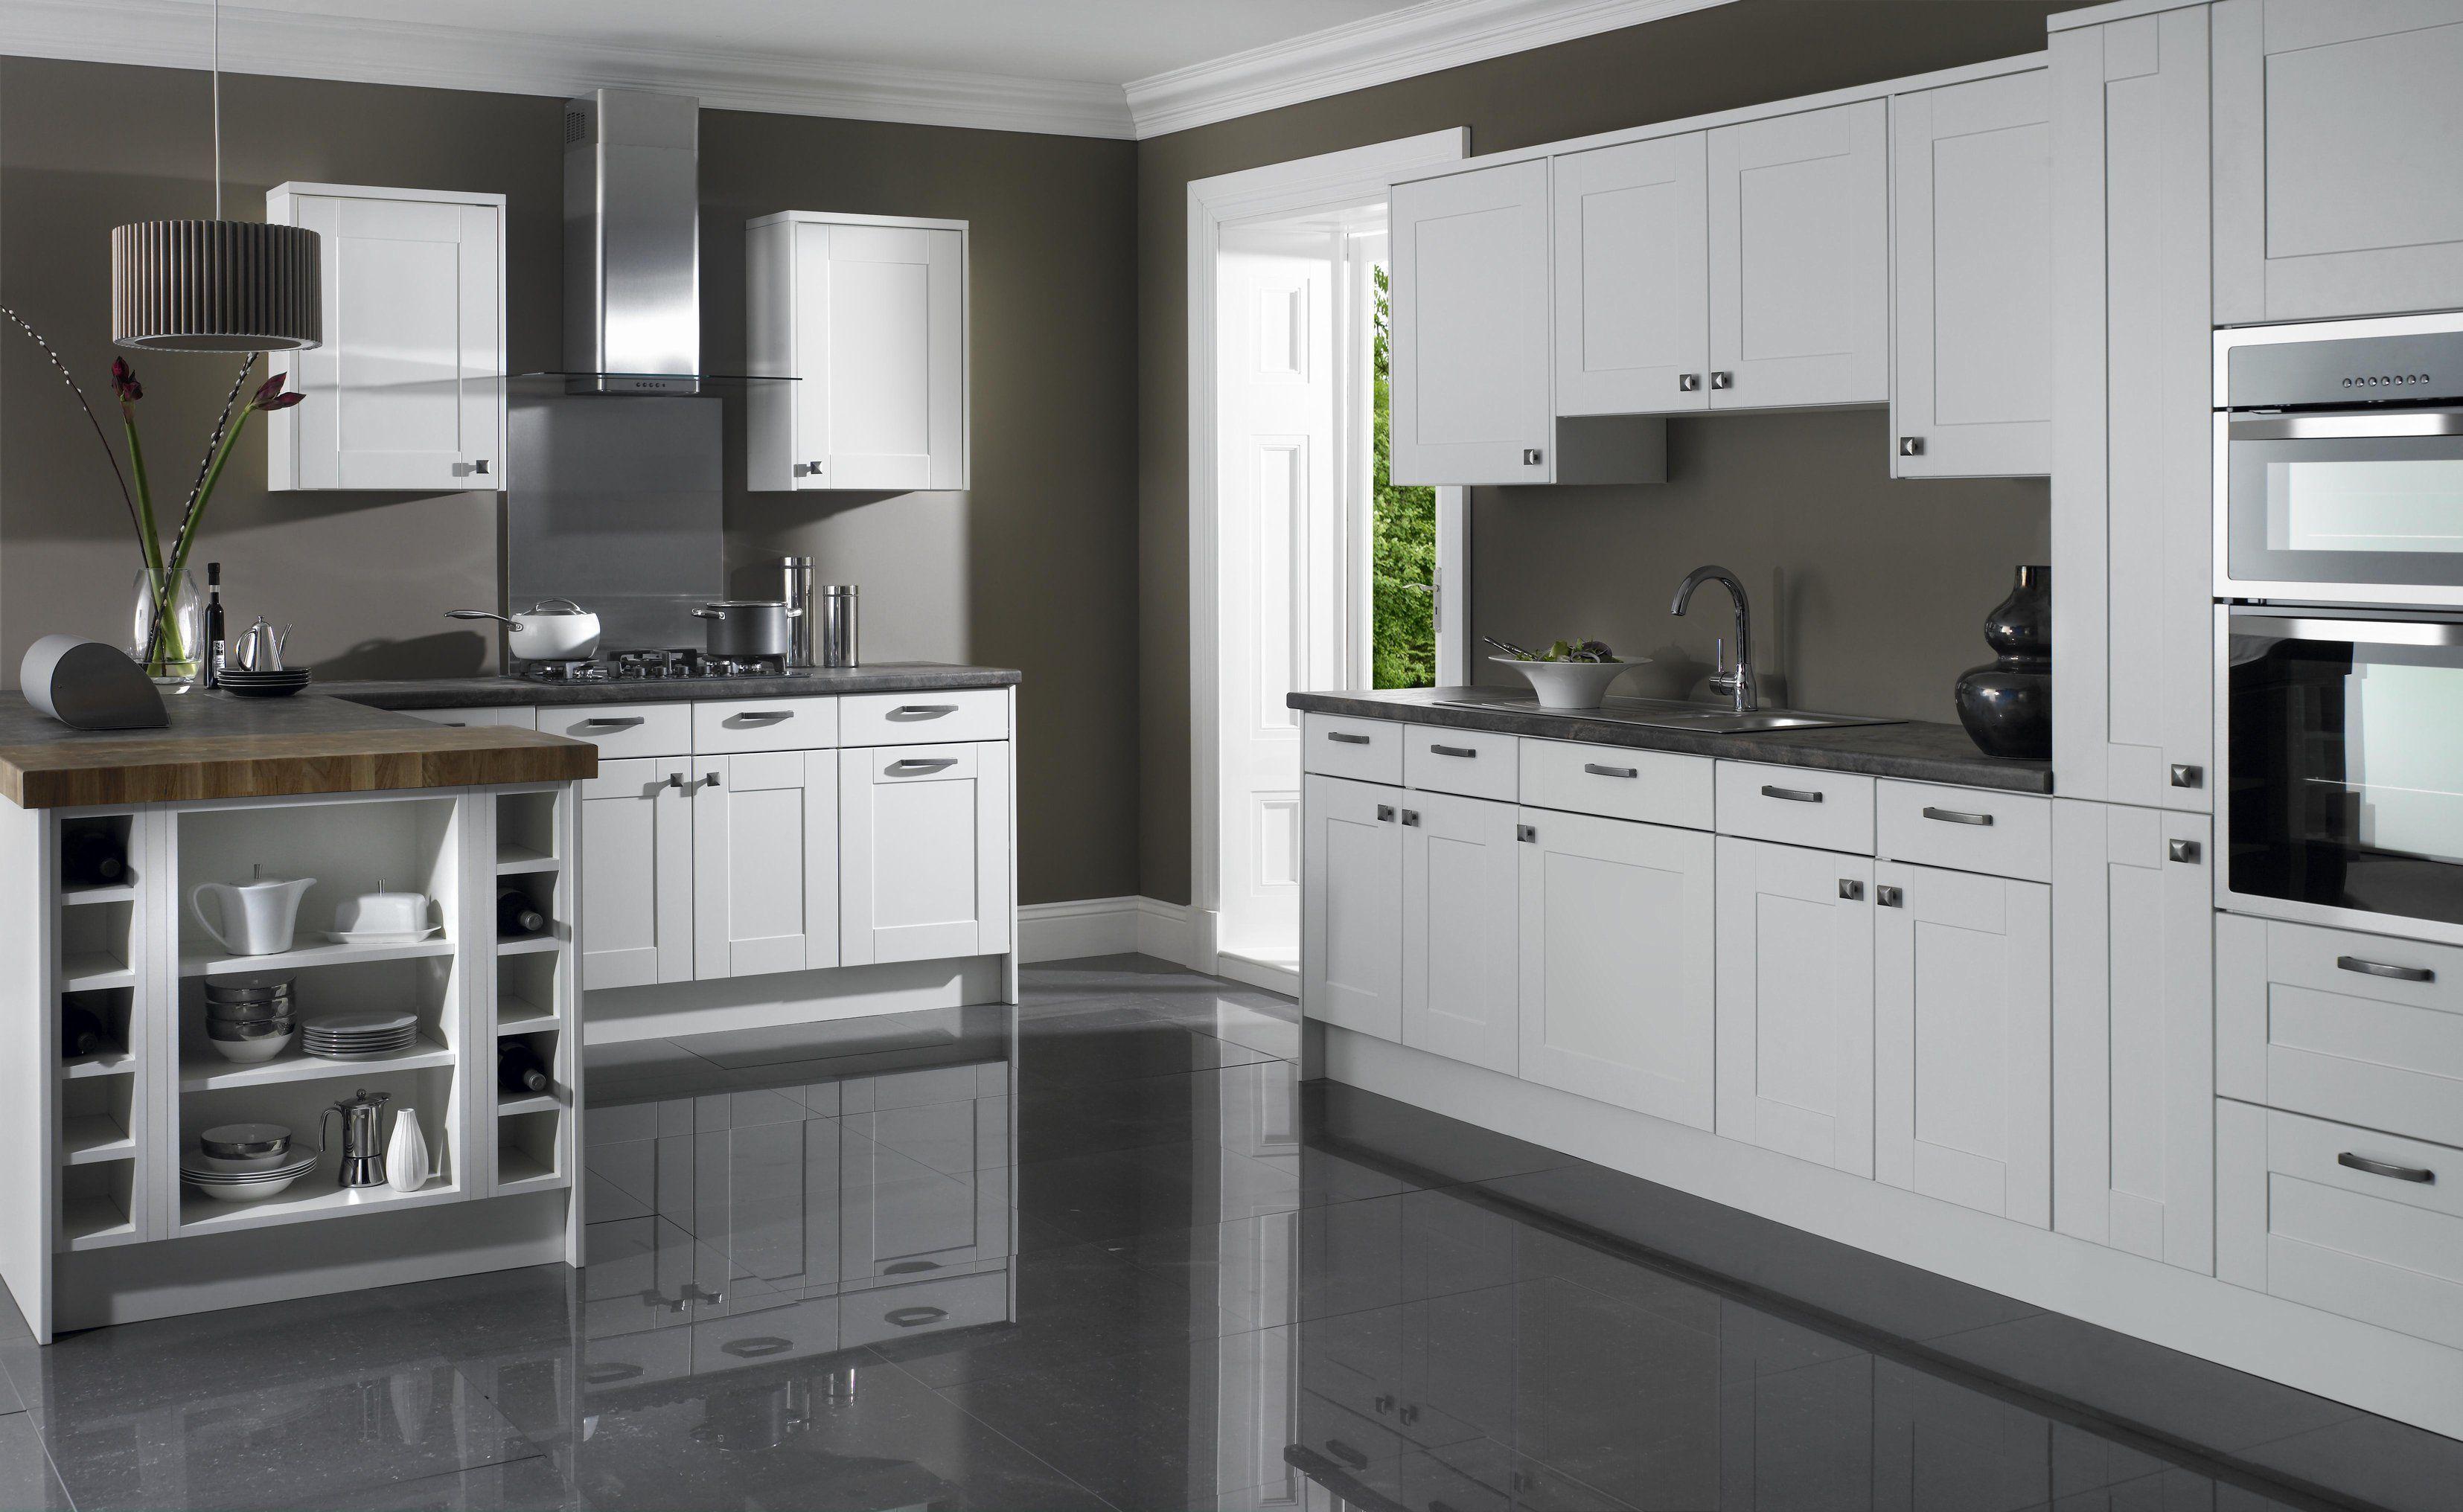 8 Best Hardware Styles For Shaker Cabinets White Shaker